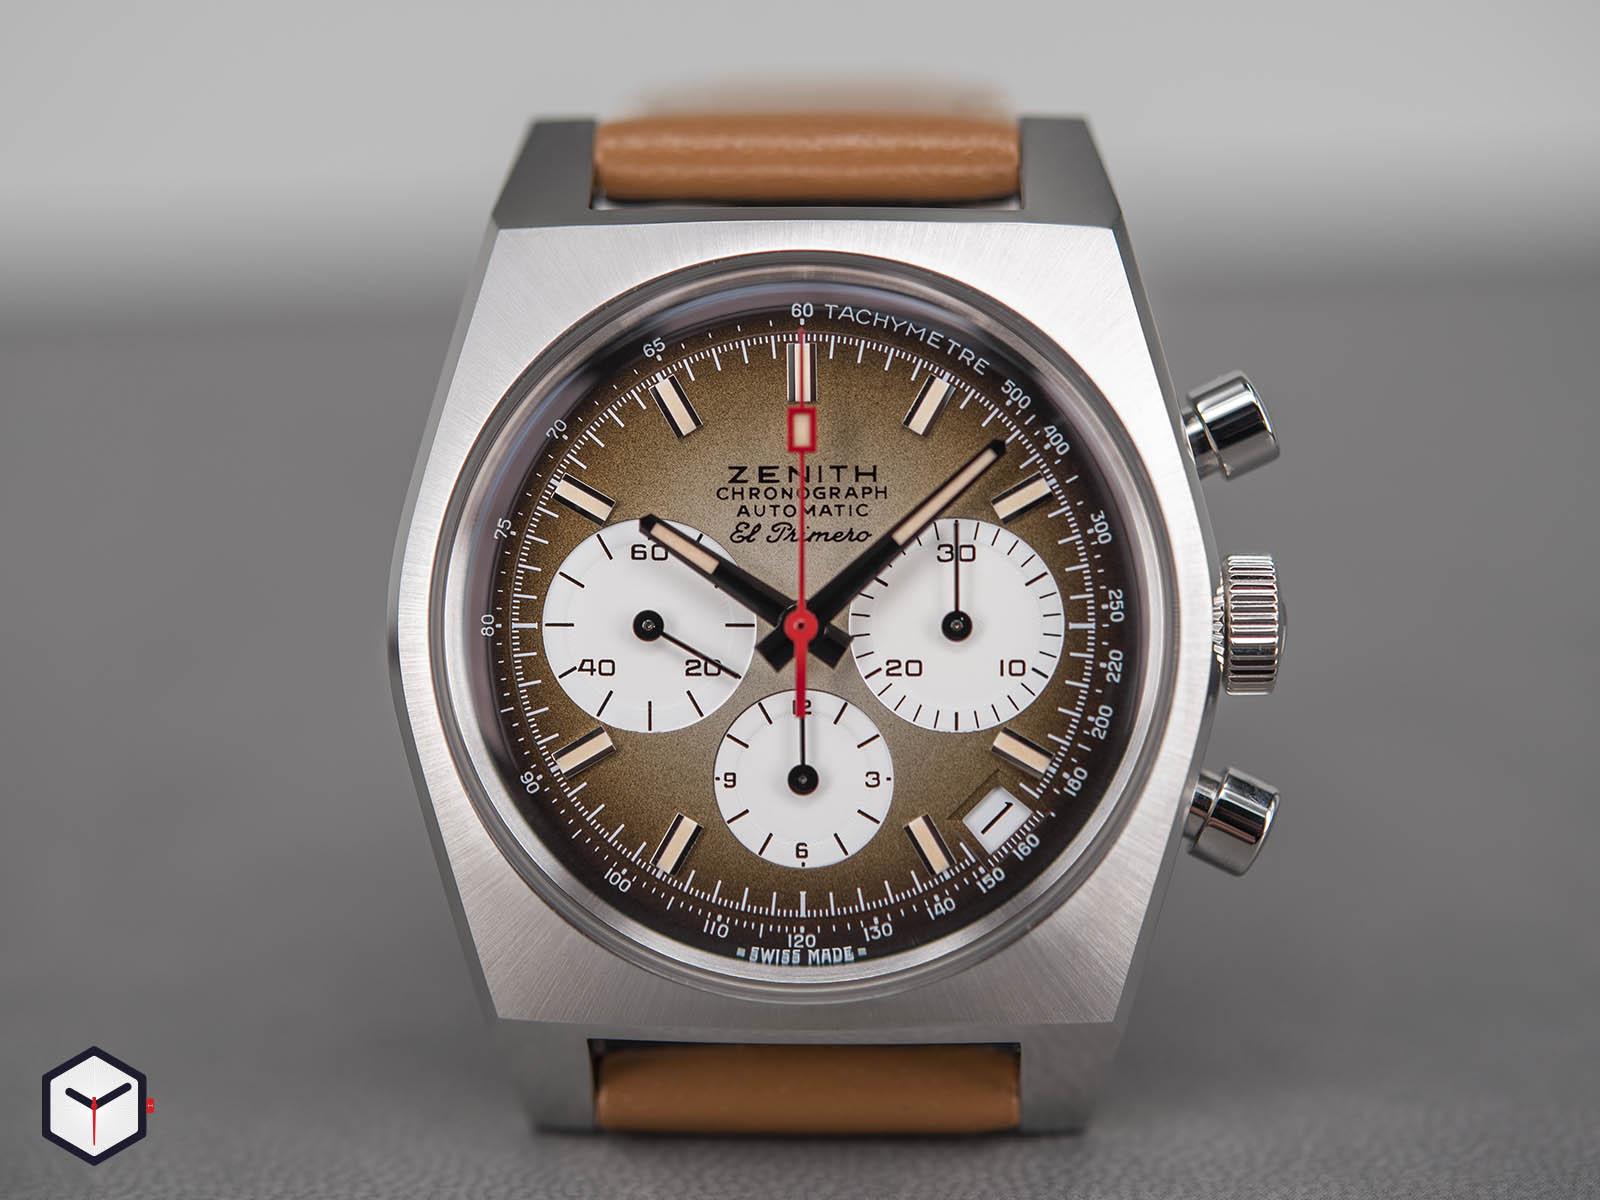 03-a384-400-385-c855-zenith-chronomaster-revival-a385-1-1.jpg